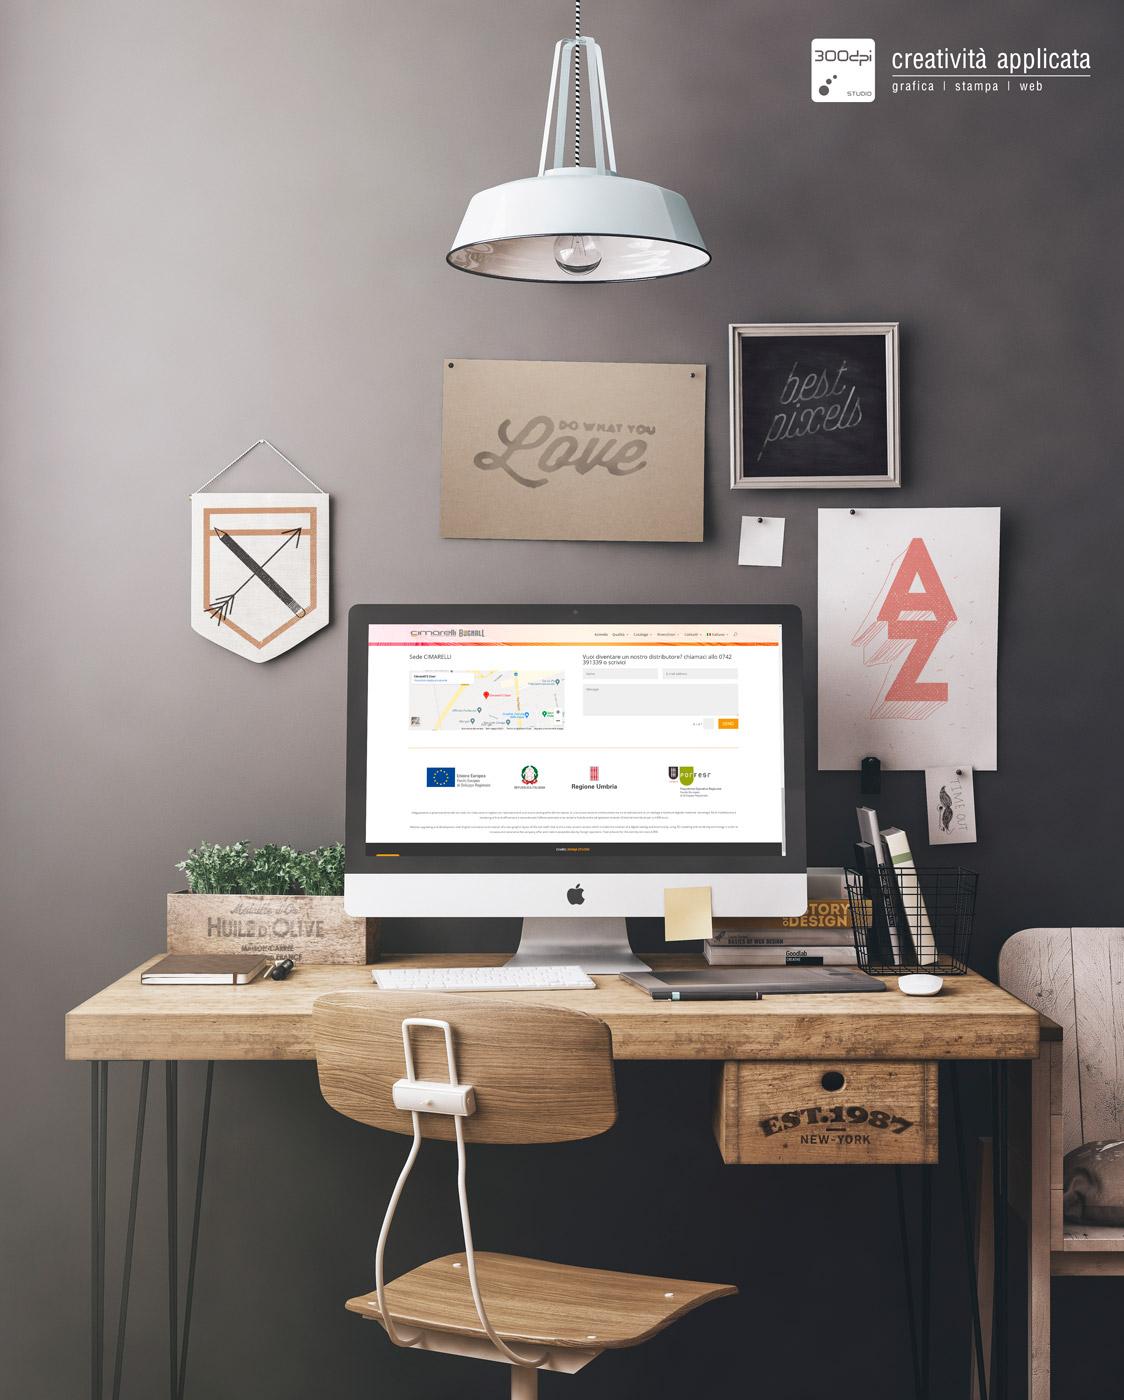 Realizzazione siti web professionali - 300dpi STUDIO